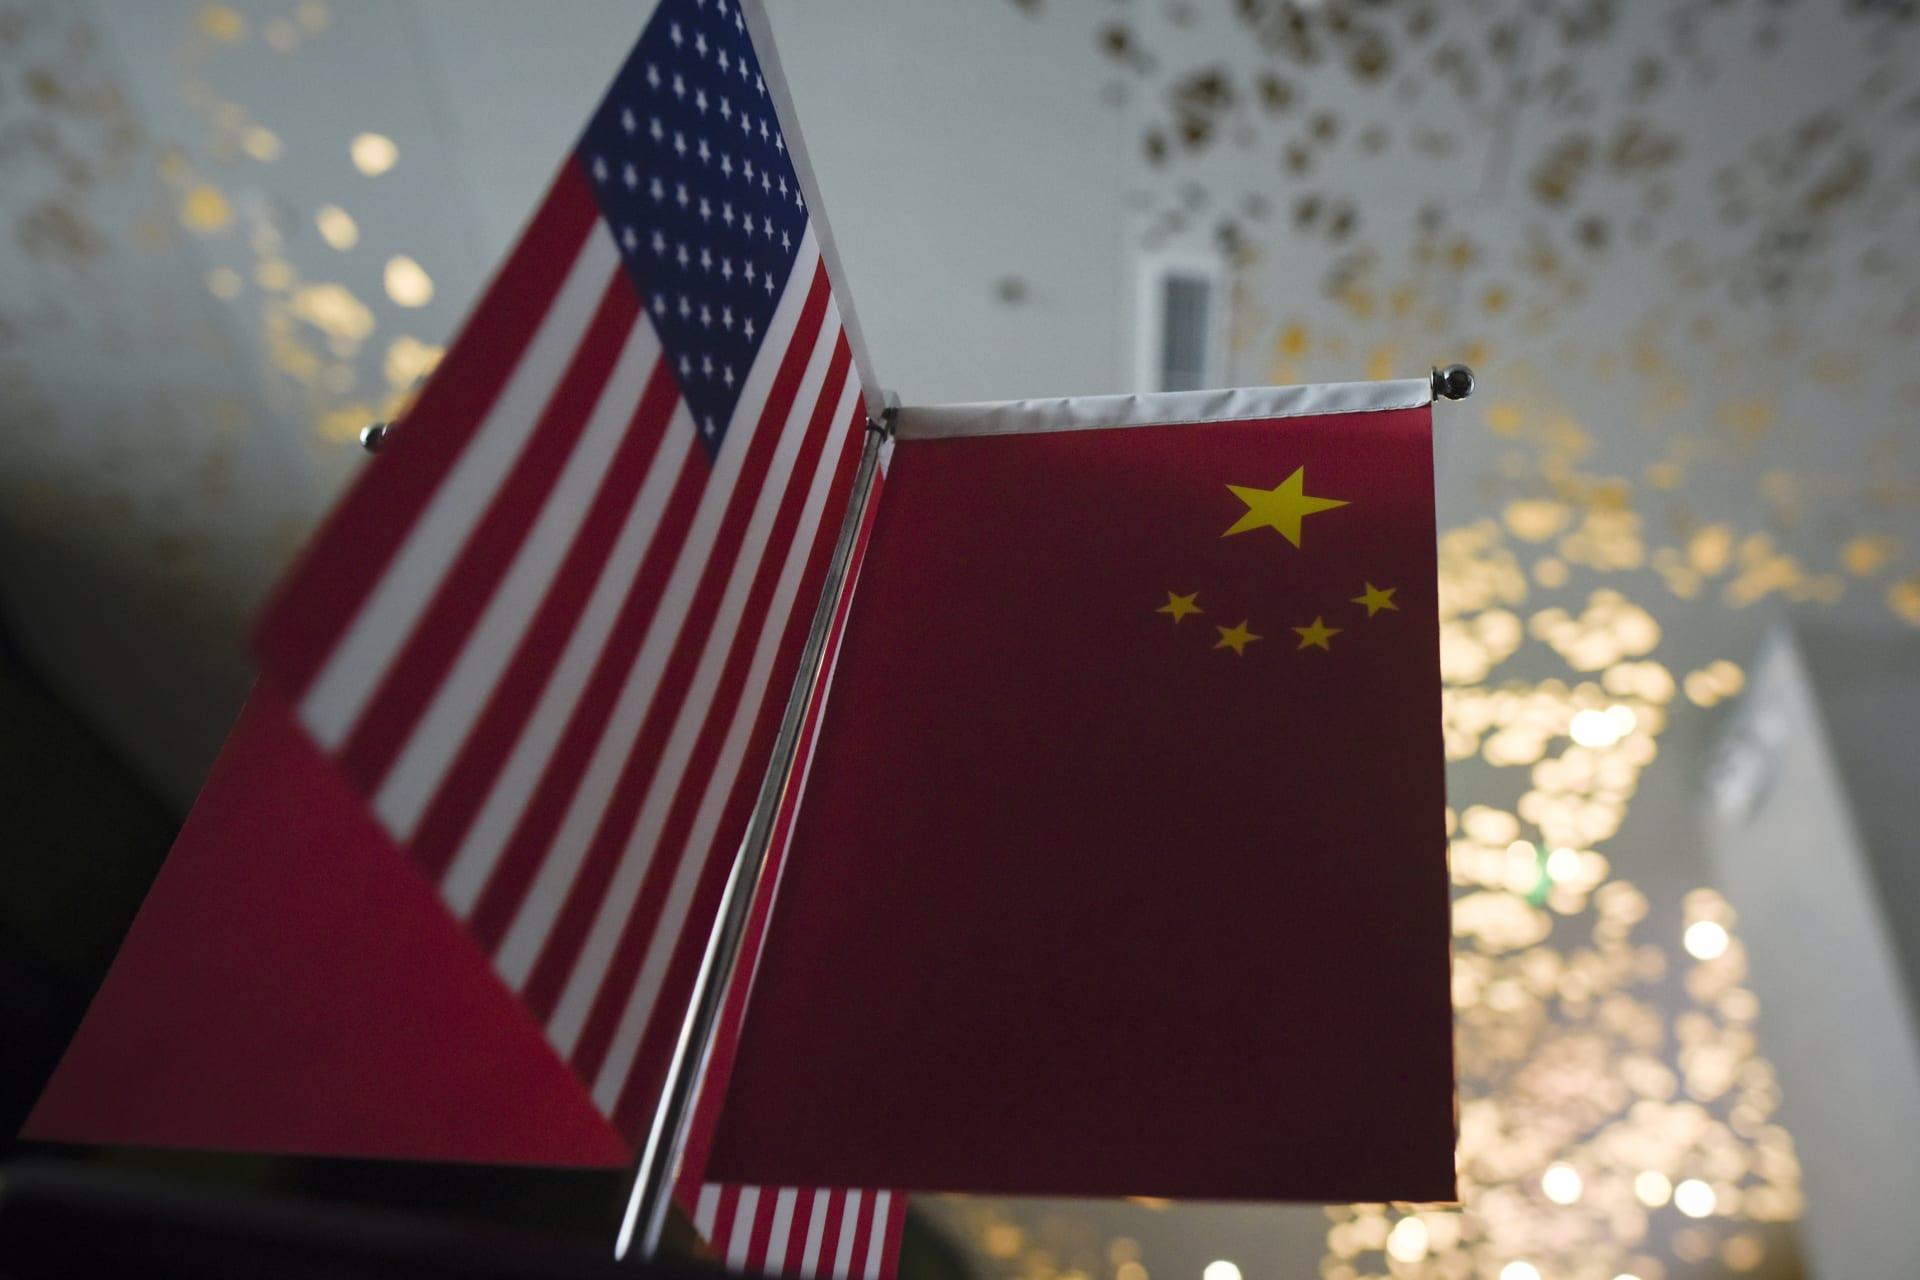 أمريكا تفرض عقوبات على 11 شركة صينية بسبب انتهاكات حقوق الإنسان